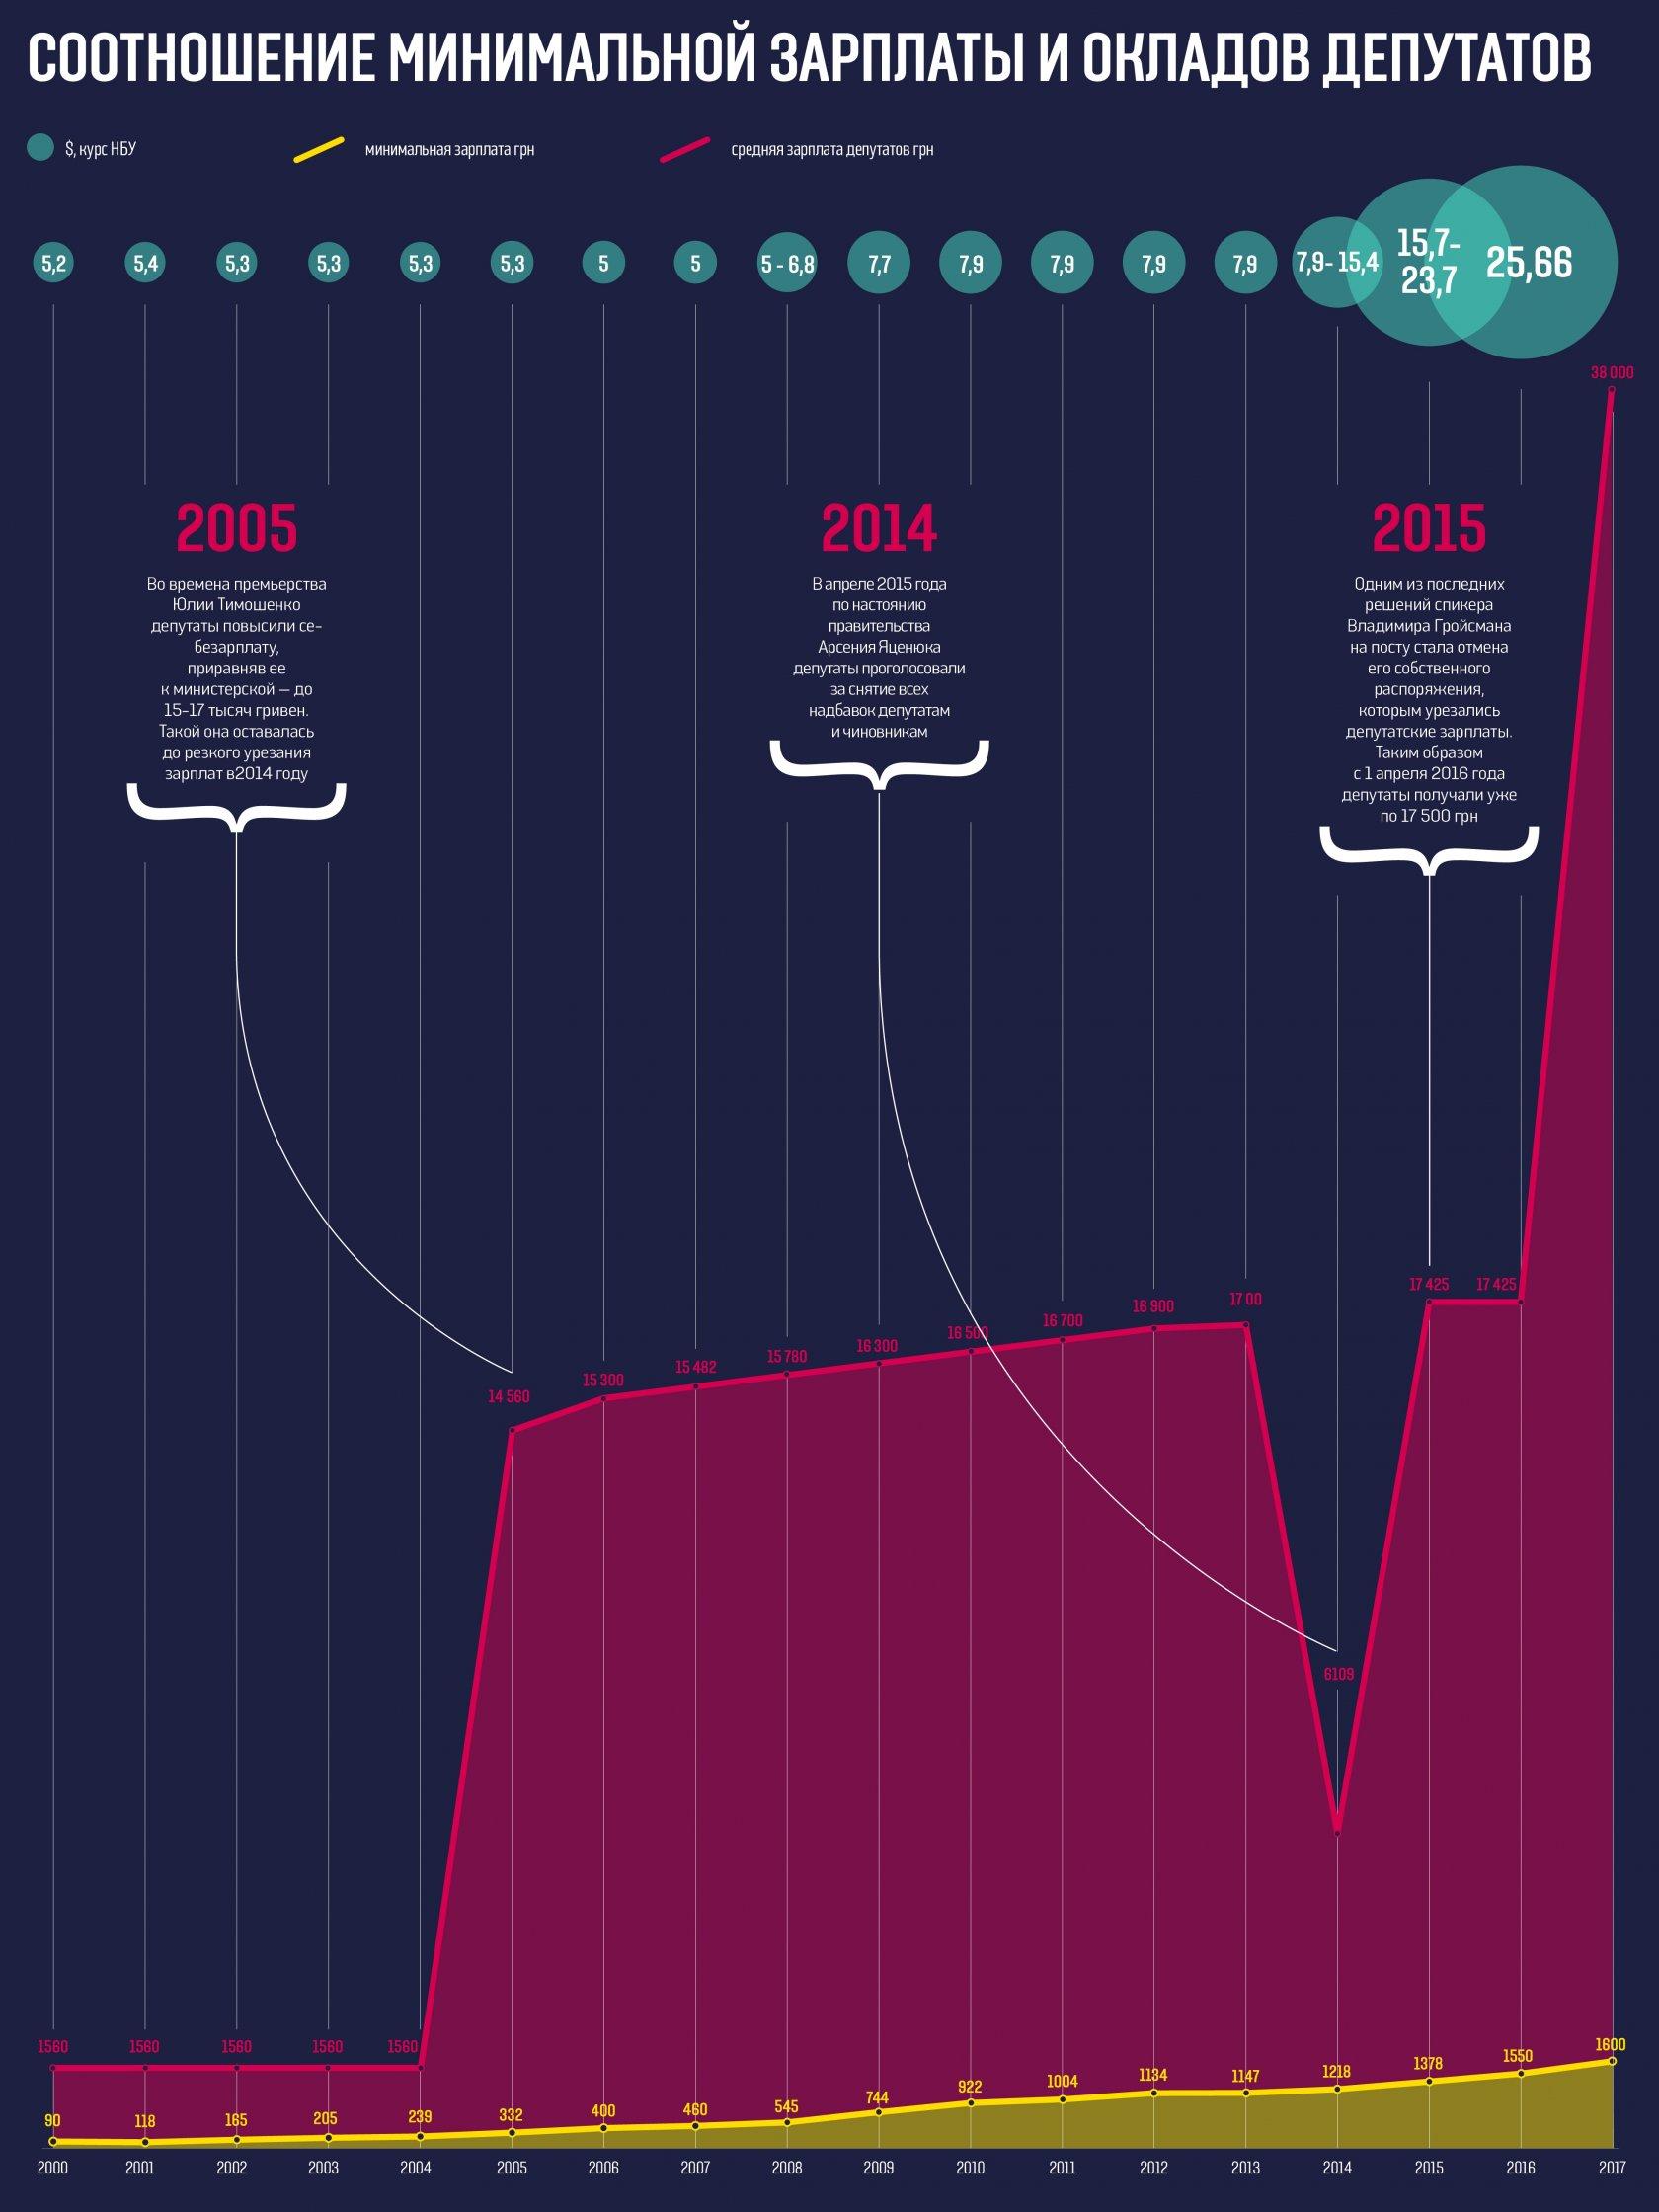 """""""Тот, кто работал на олигархов - будет и дальше так поступать"""", - нардеп от БПП Матвиенко о повышении зарплат депутатам - Цензор.НЕТ 7930"""